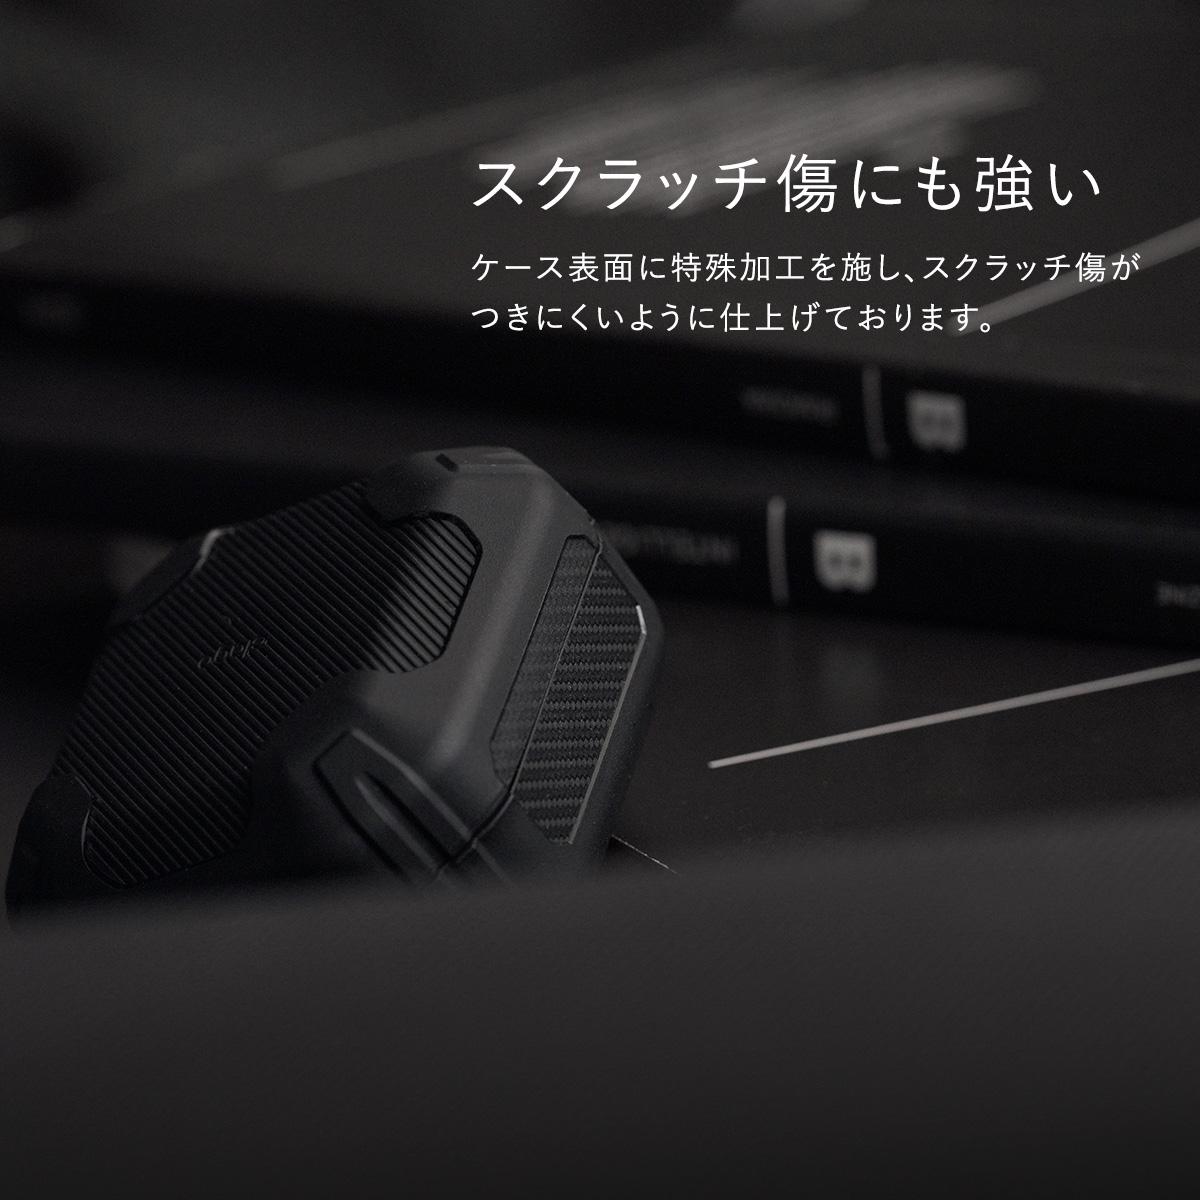 elago ARMOR CASE for Galaxy Buds Live / Galaxy Buds Pro